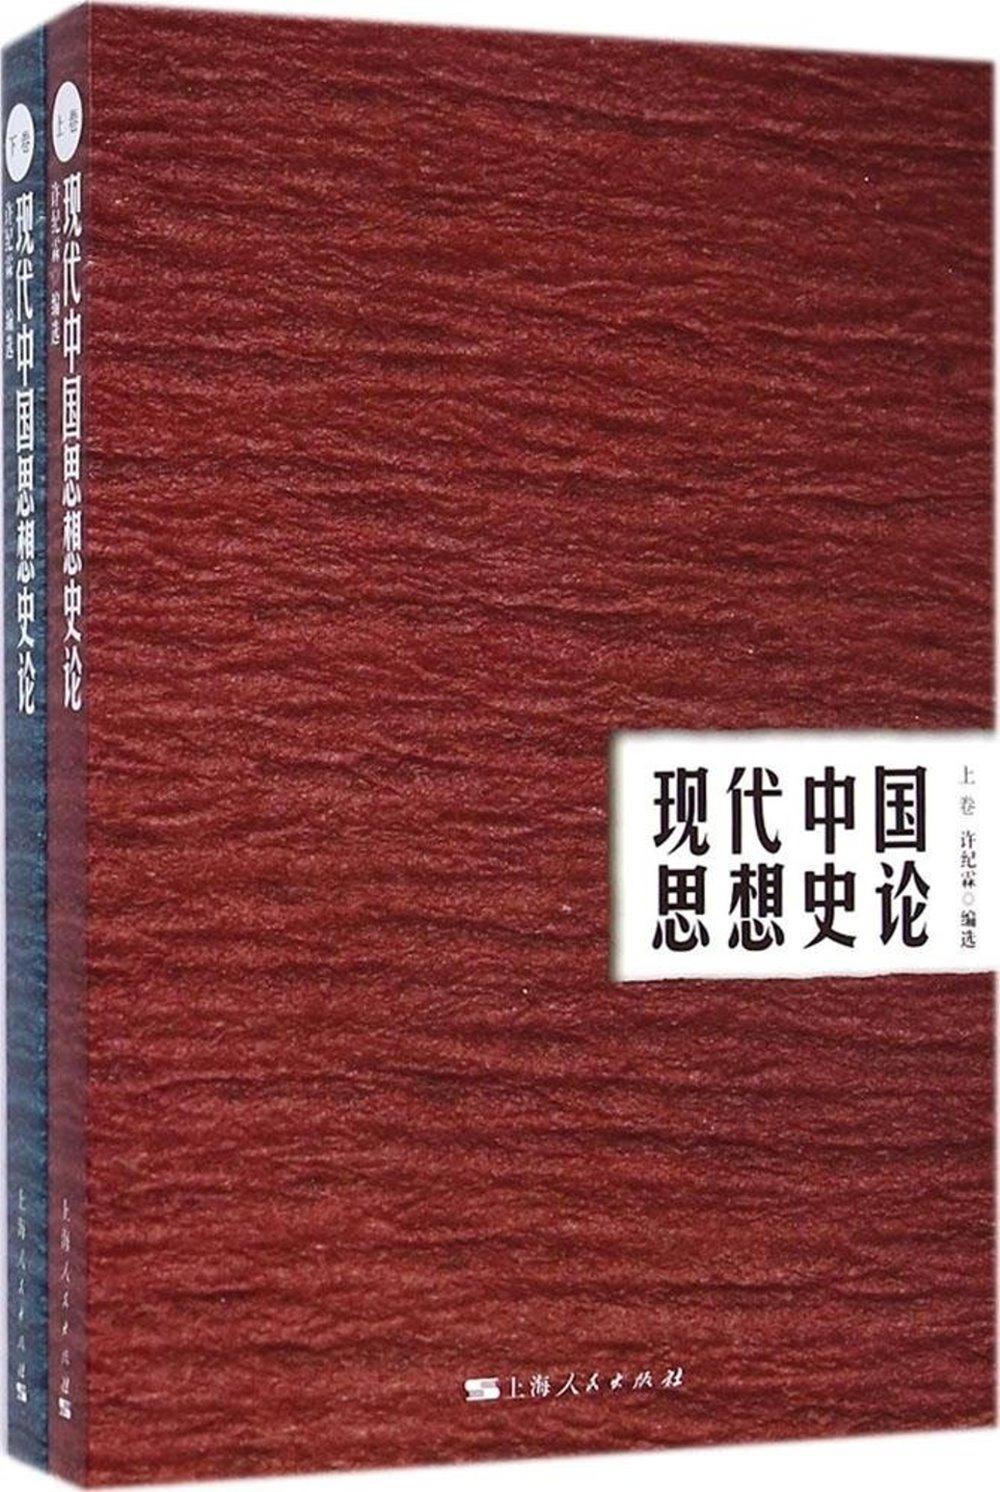 現代中國思想史論(上下卷)